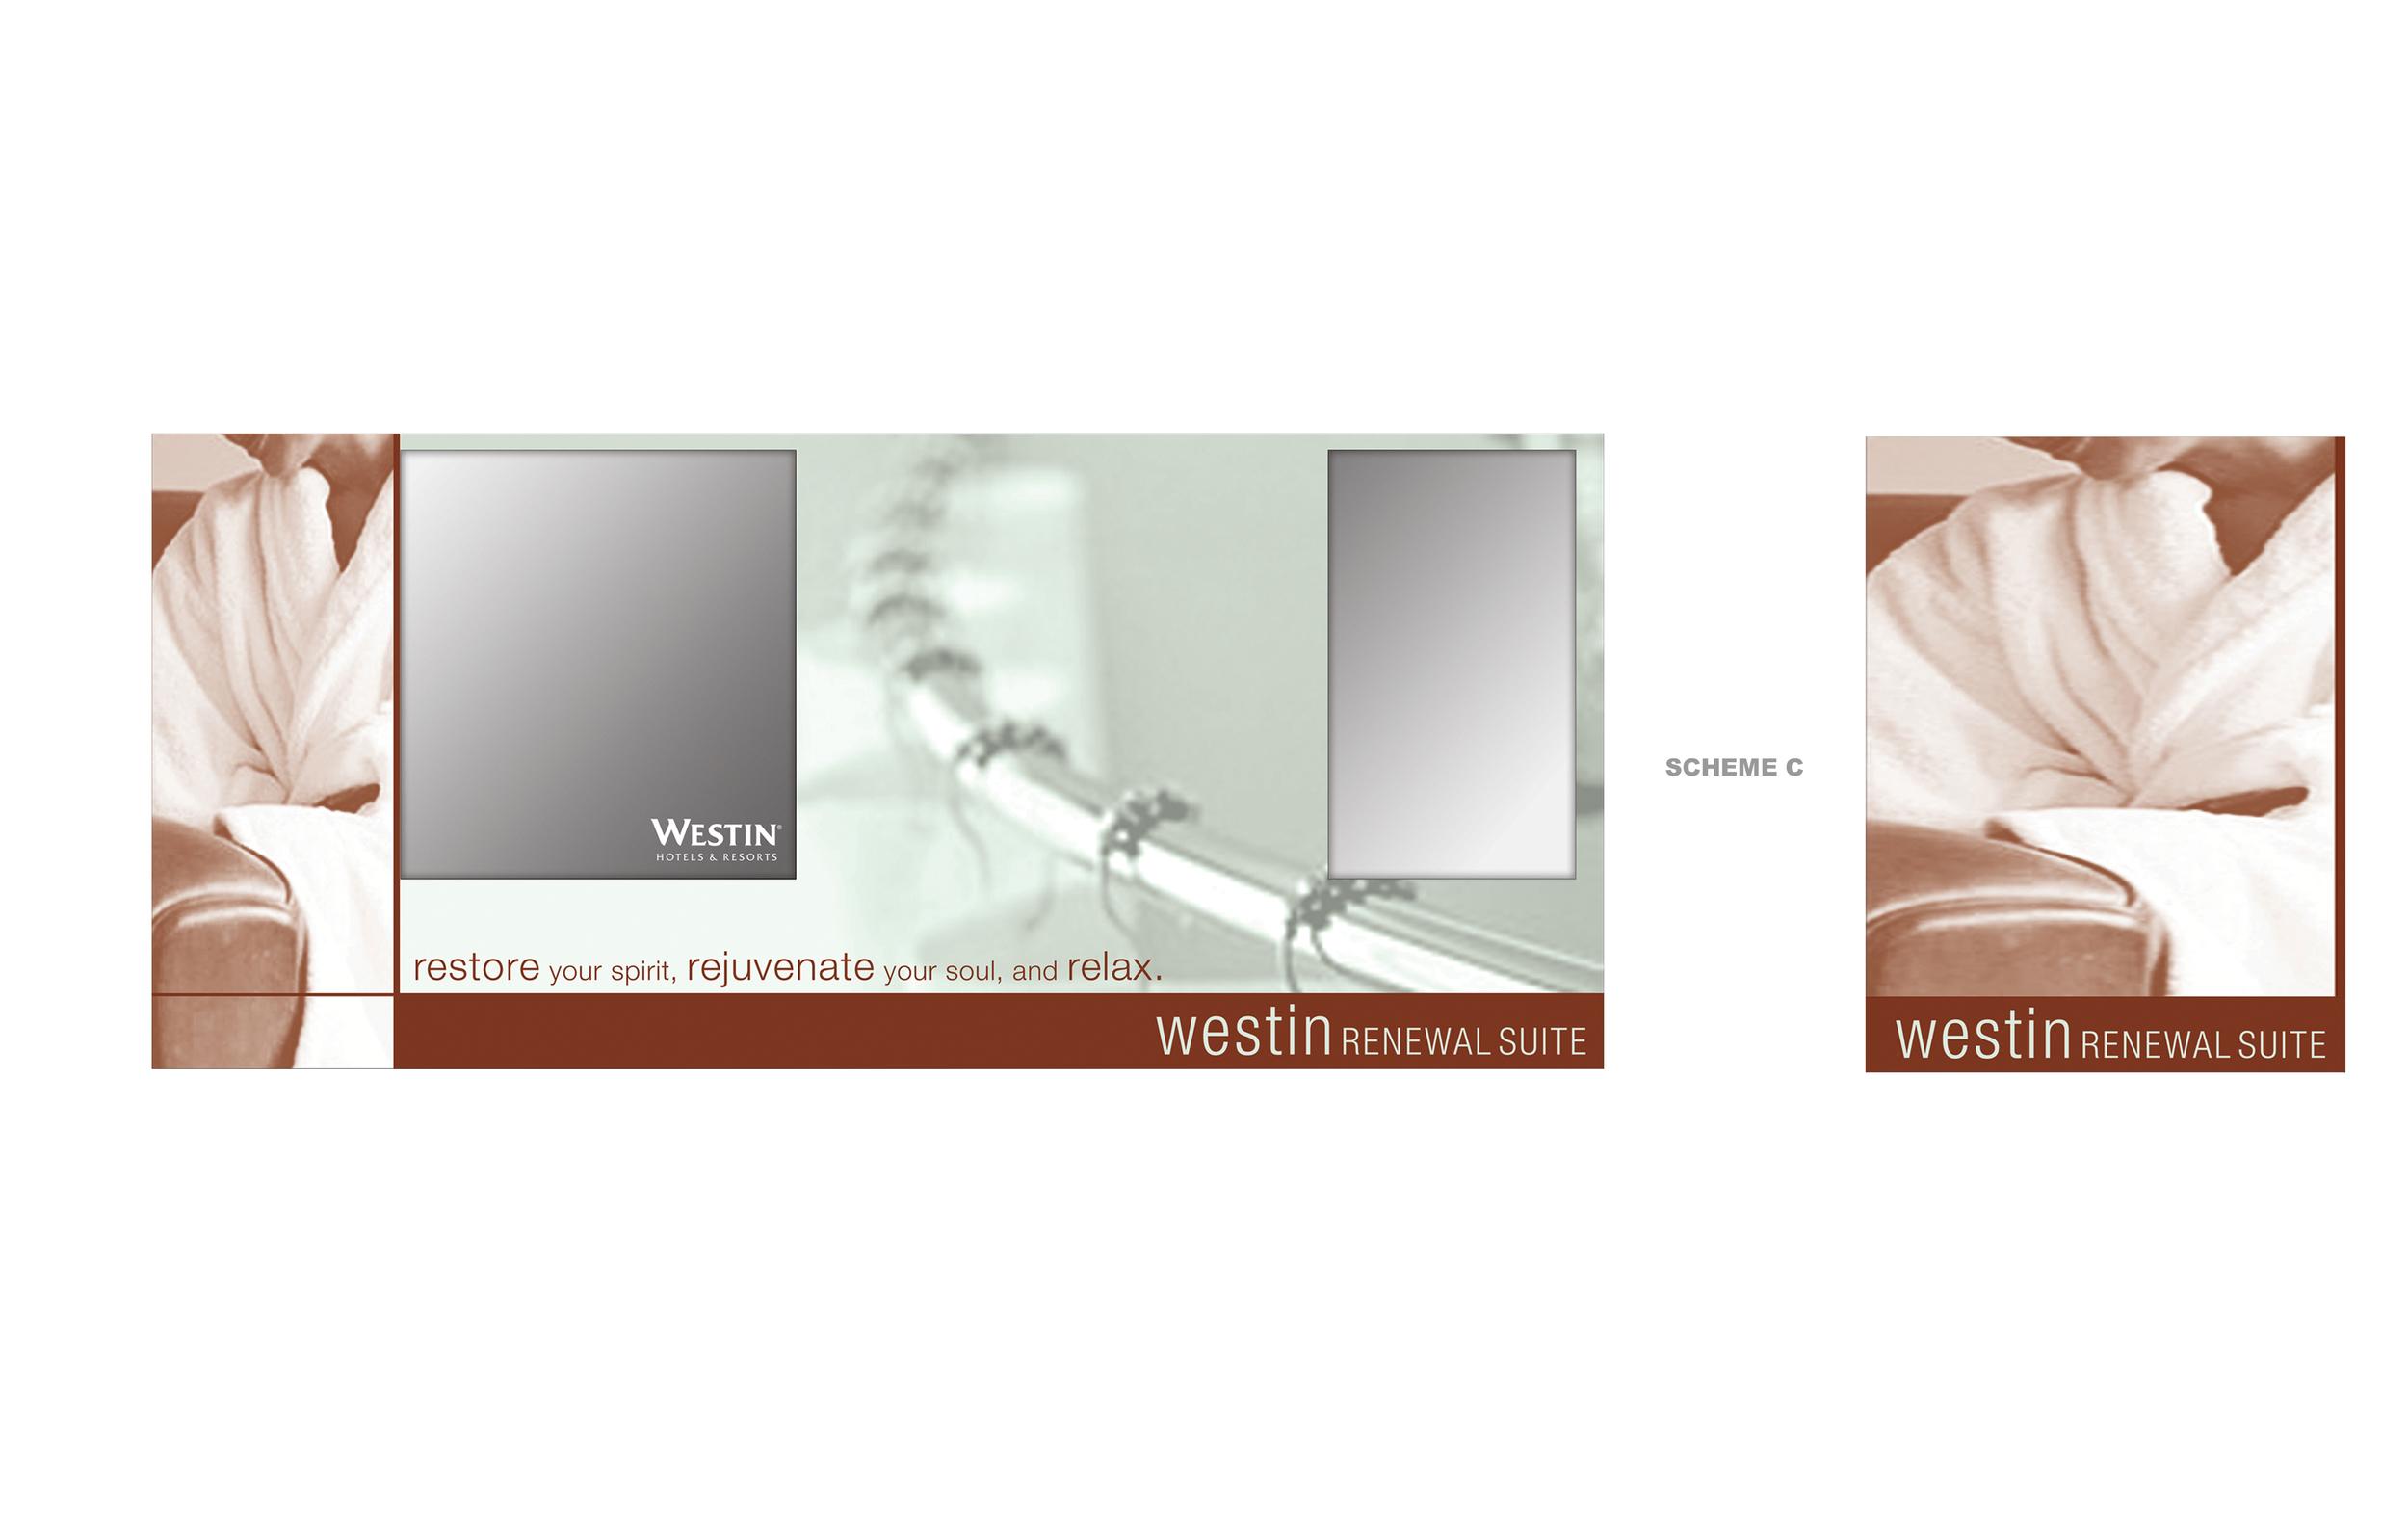 WESTIN-boards-05.jpg